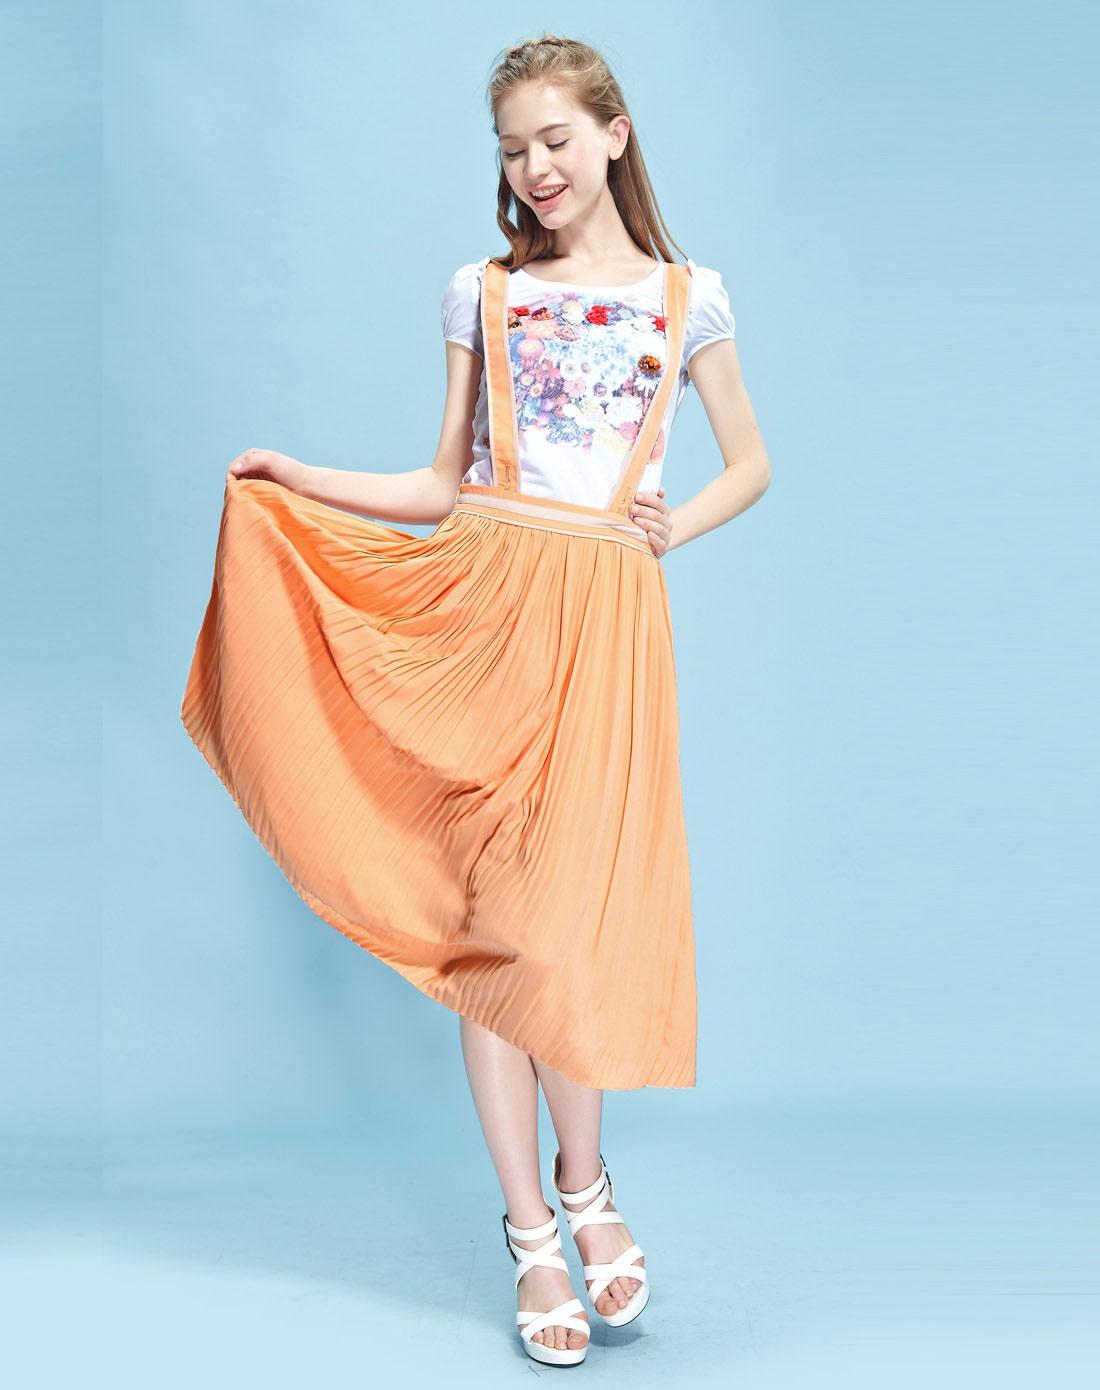 菲妮尔firy桔可拆卸背带收腰半长裙53220902610